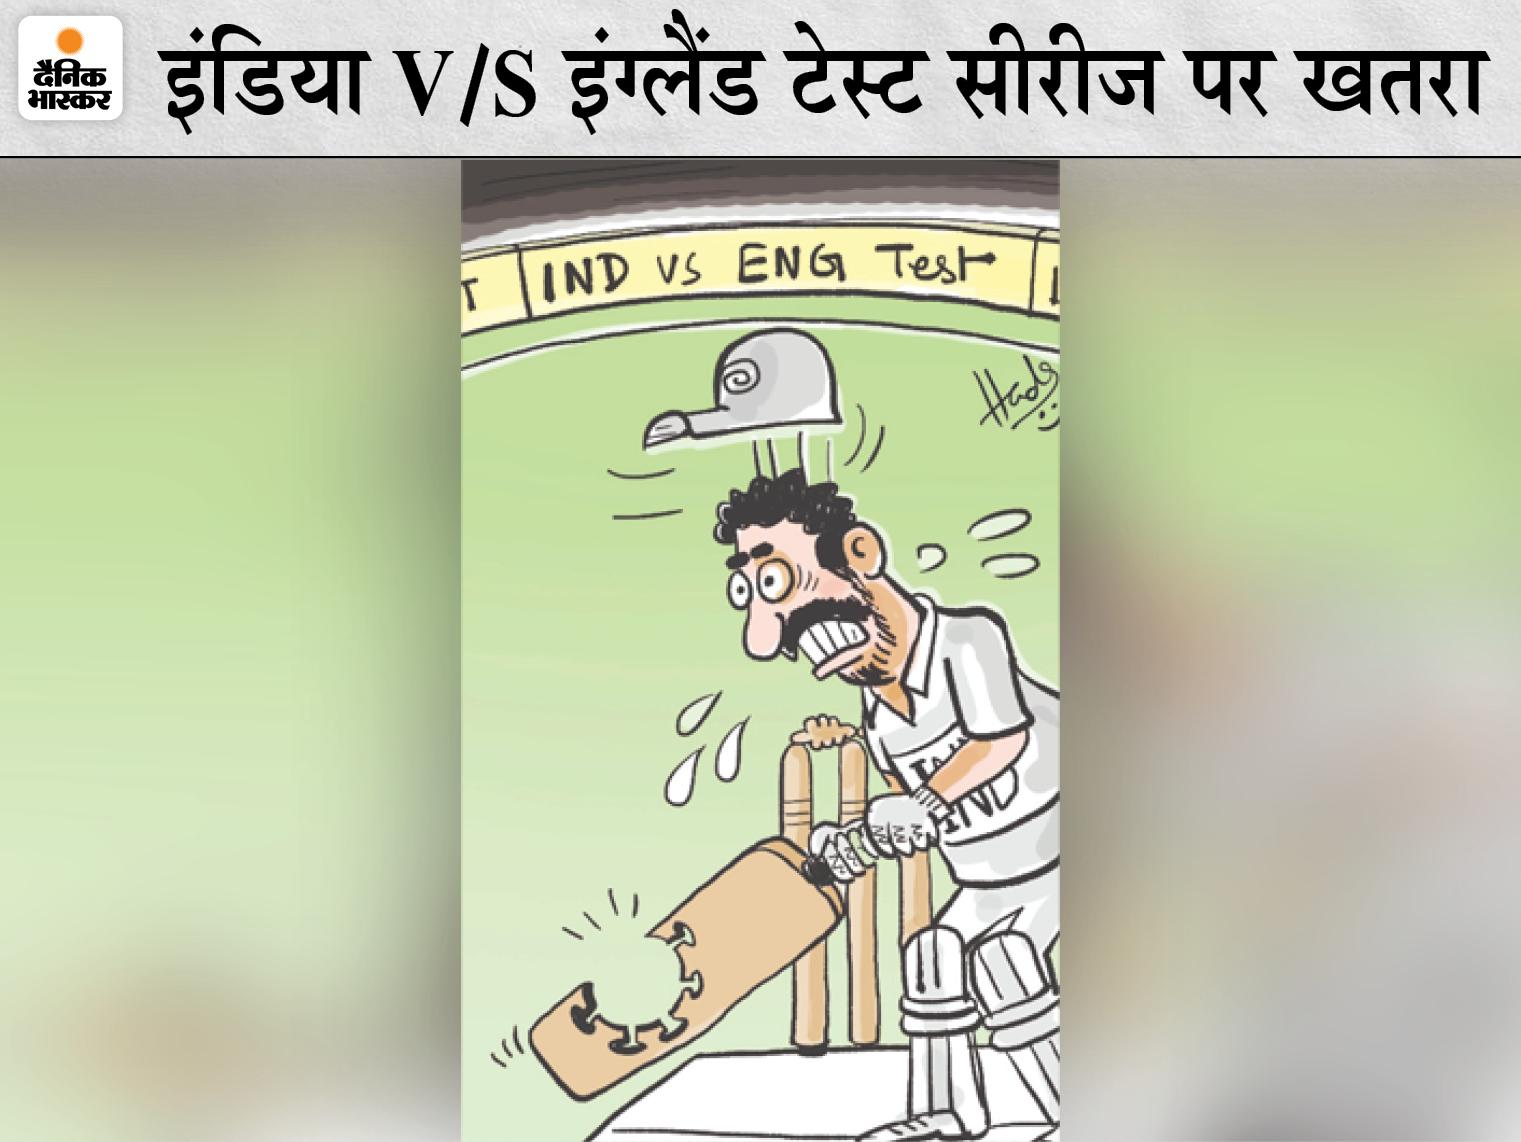 पंत समेत 2 खिलाड़ियों के बाद एक कोचिंग स्टाफ भी कोरोना पॉजिटिव; बॉलिंग कोच अरुण, साहा और ईश्वरन आइसोलेट|क्रिकेट,Cricket - Dainik Bhaskar